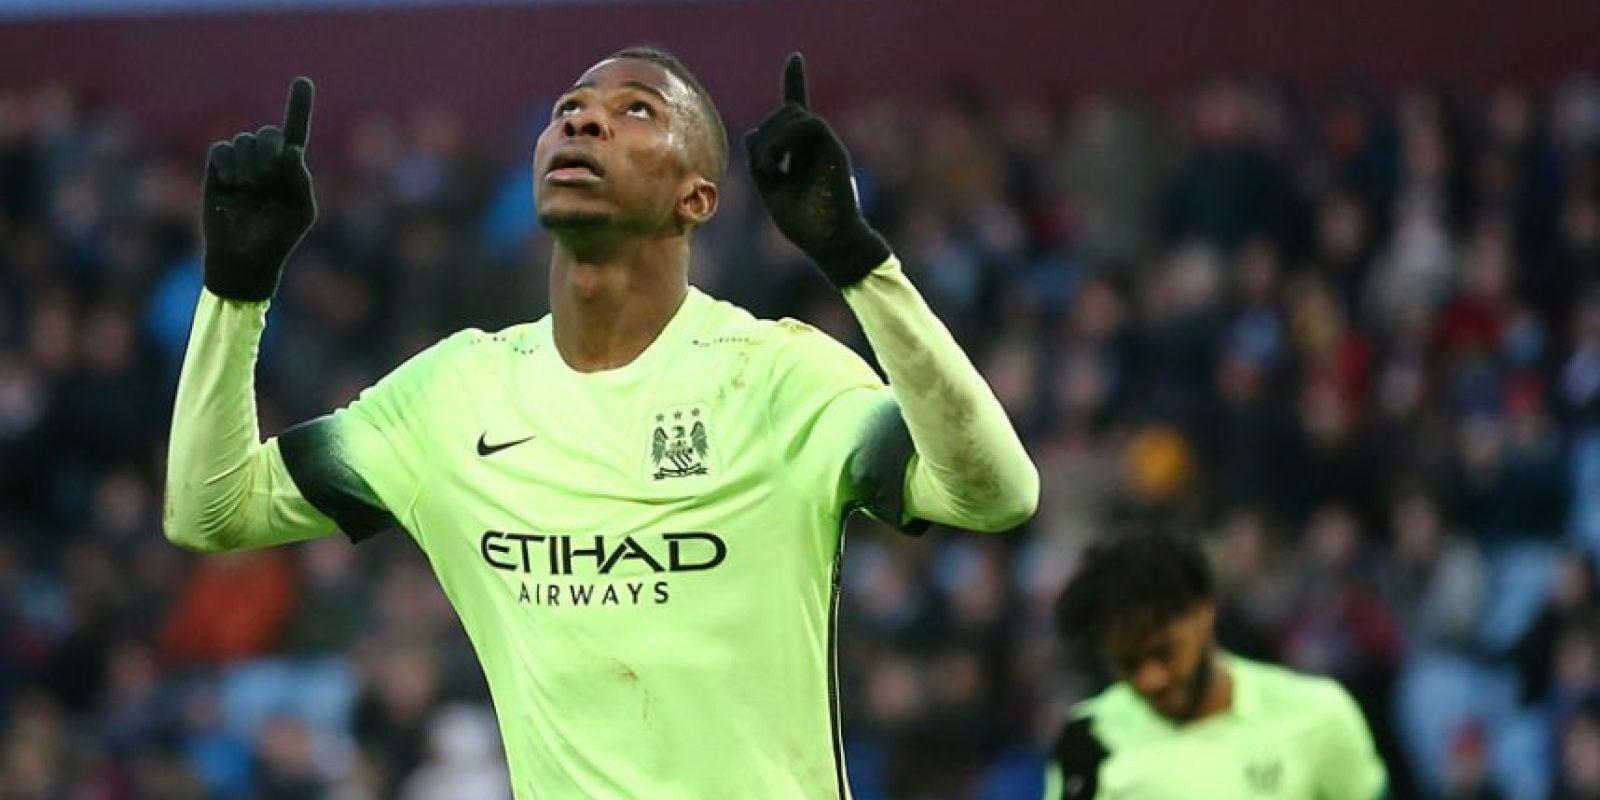 El nigeriano Kelechi Iheanacho celebra un gol. Foto:AFP